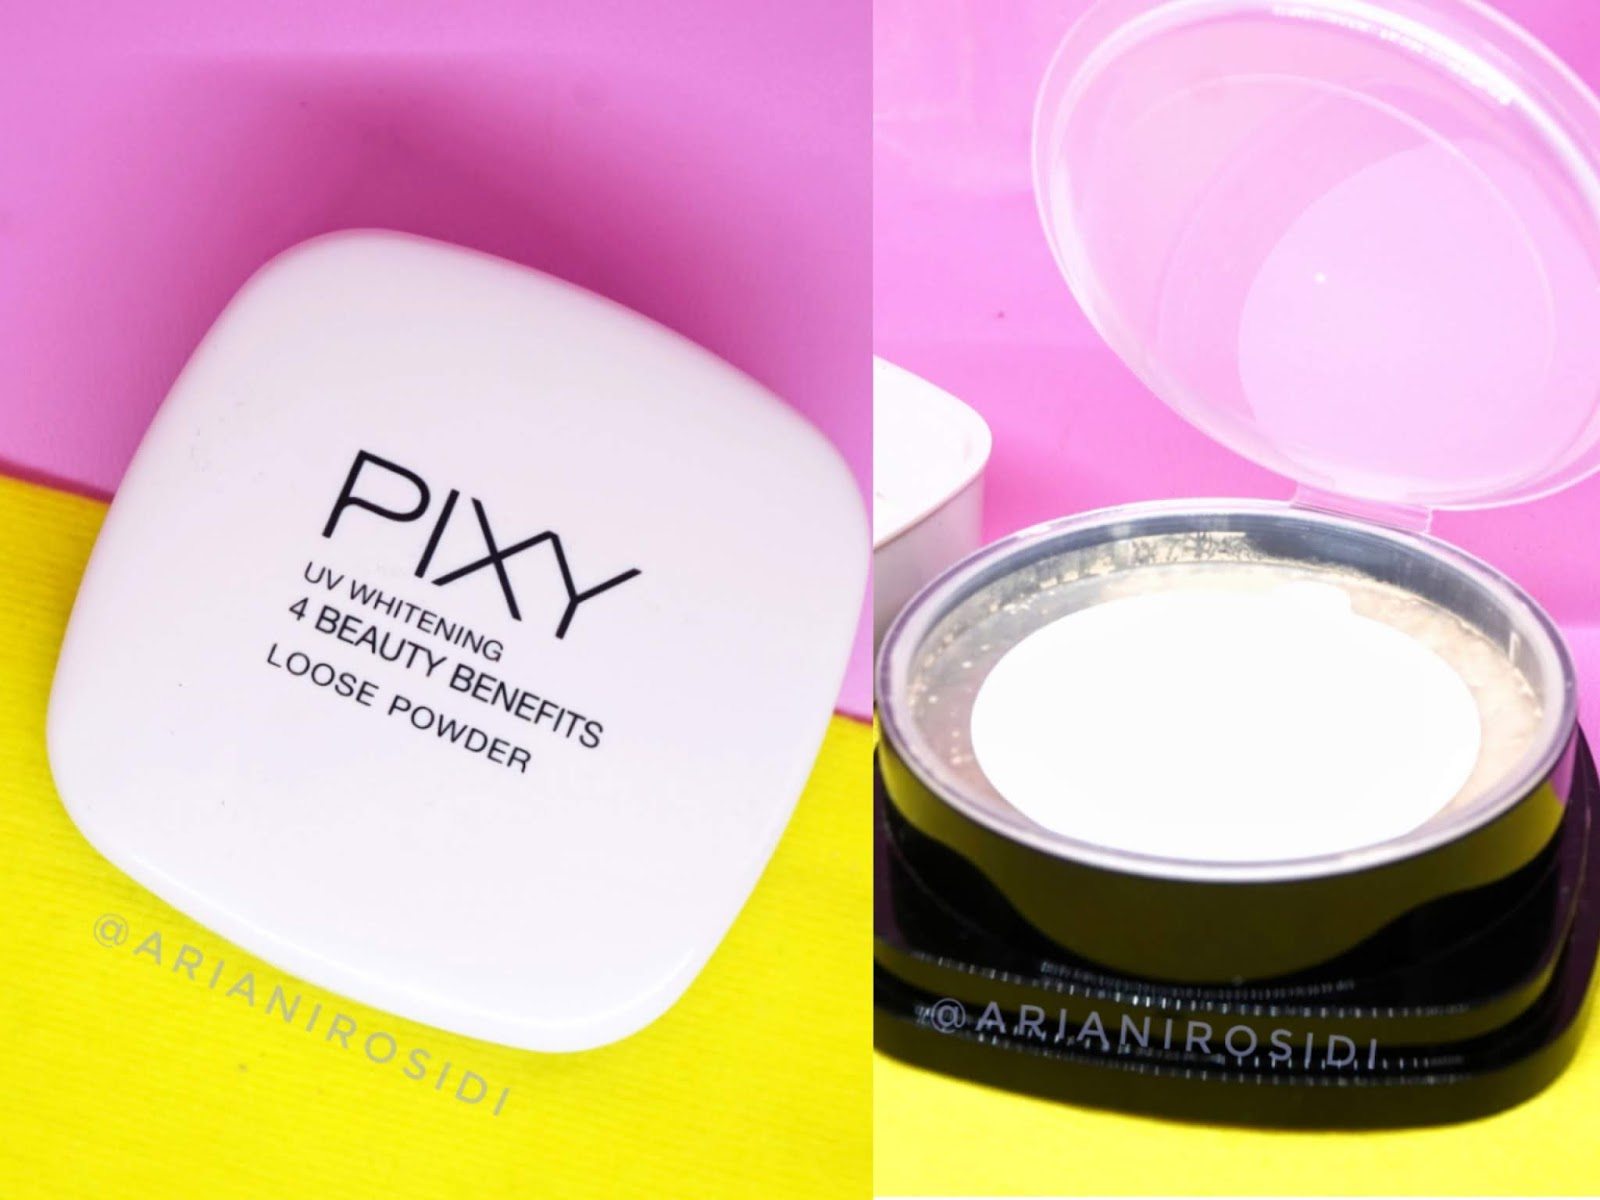 Pixy UV Whitening Loose Powder